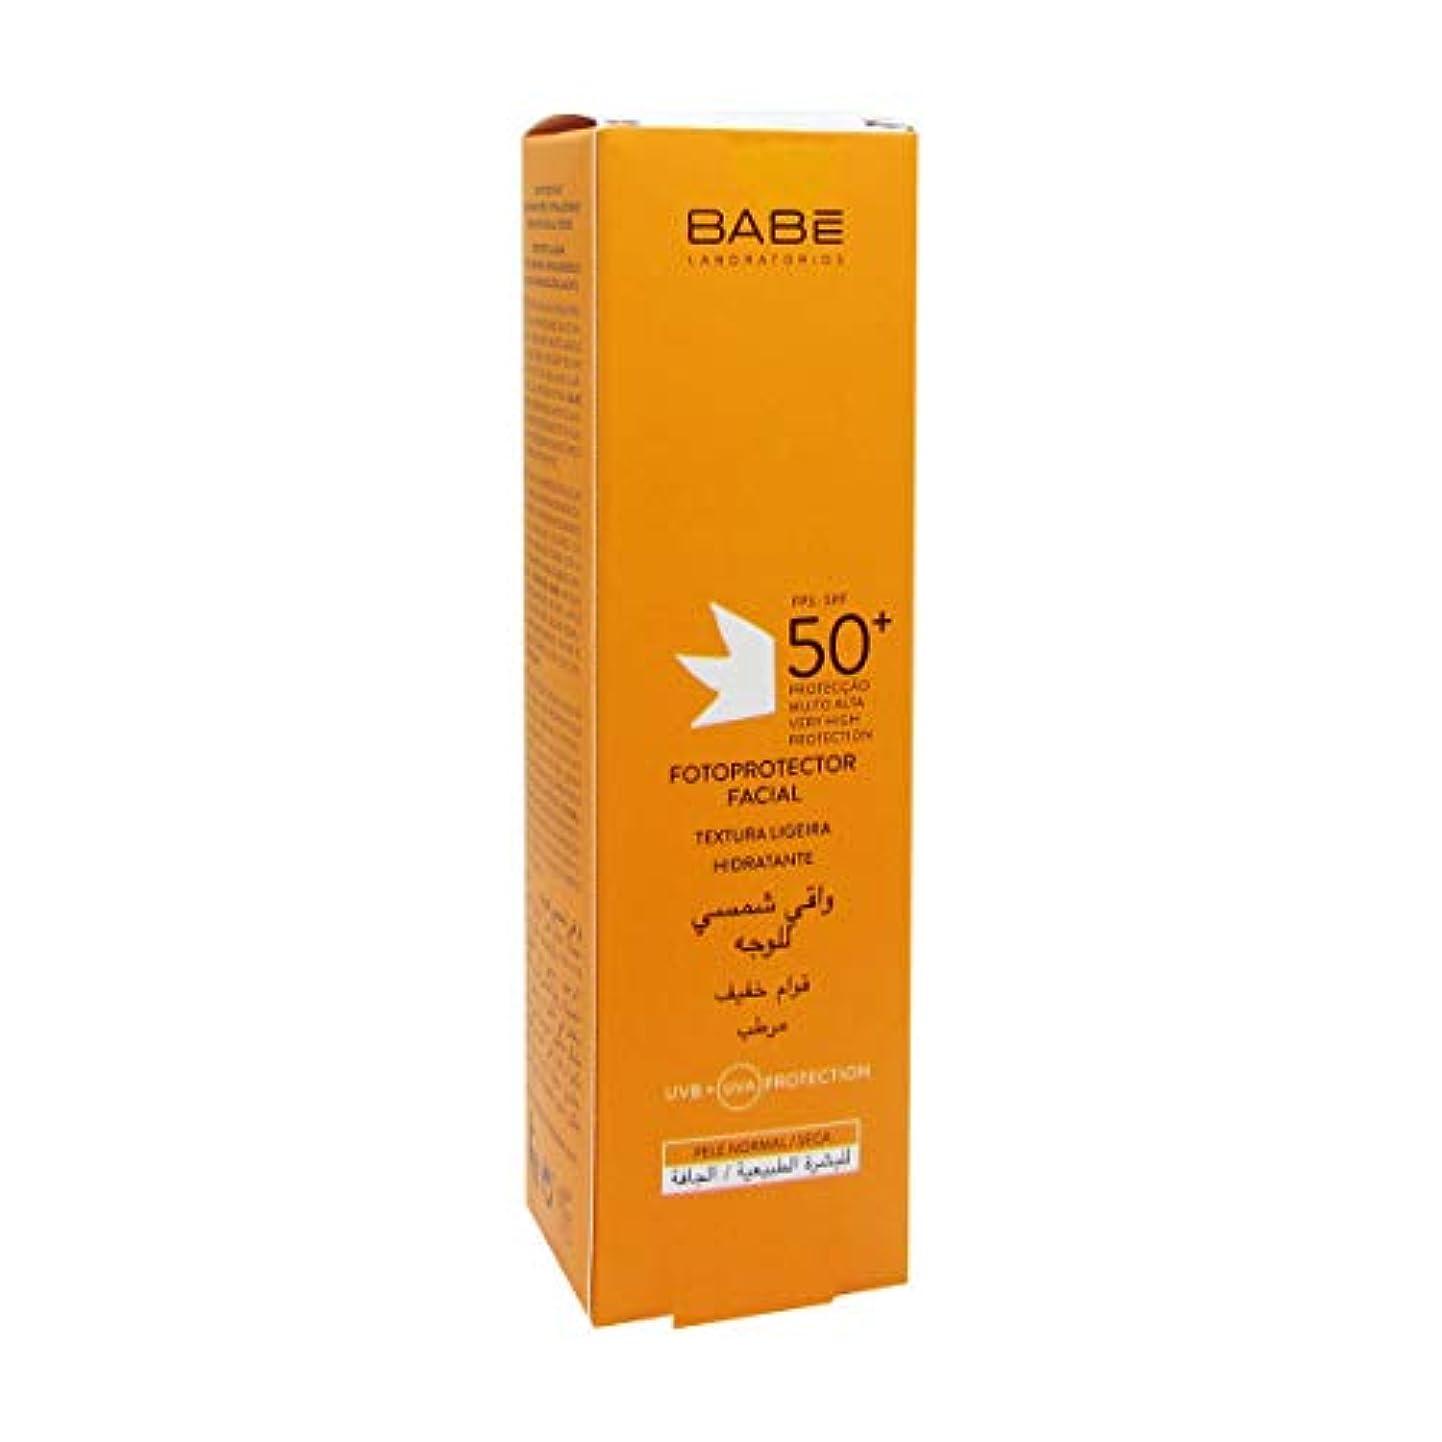 事故退屈干し草Bab Sun Light Facial Photoprotector Fps50+ 50ml [並行輸入品]